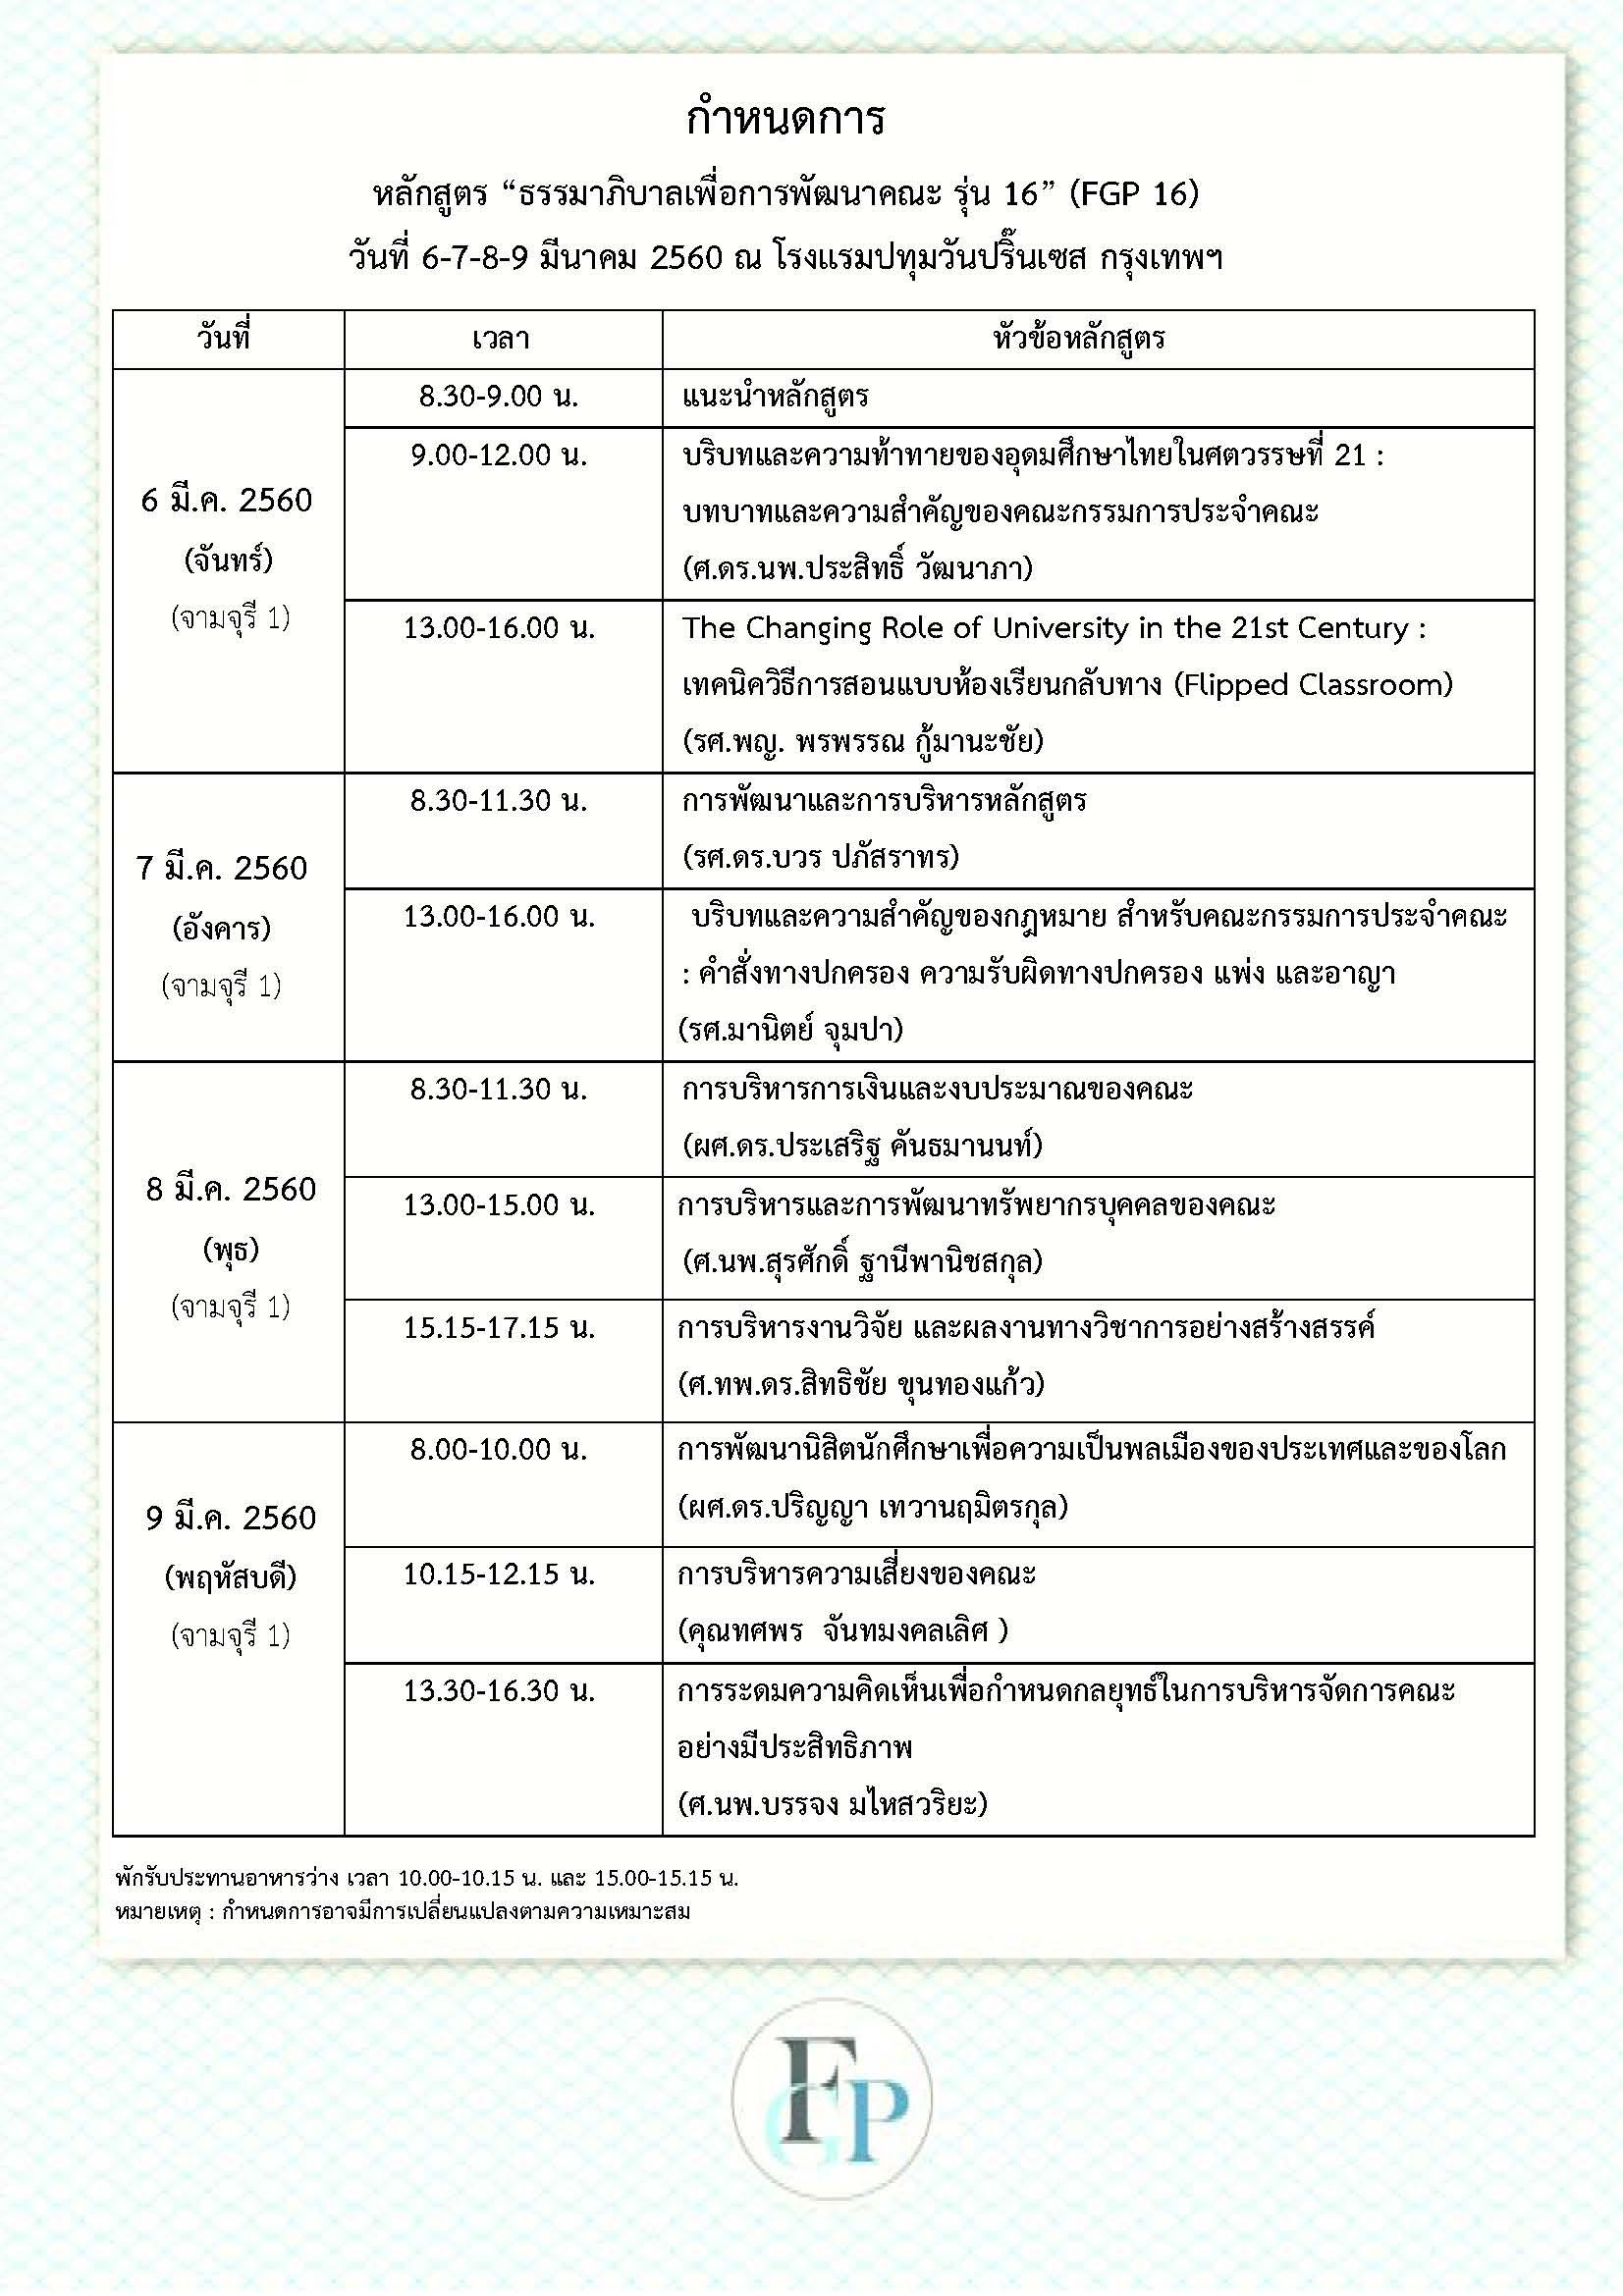 agenda-fgp16